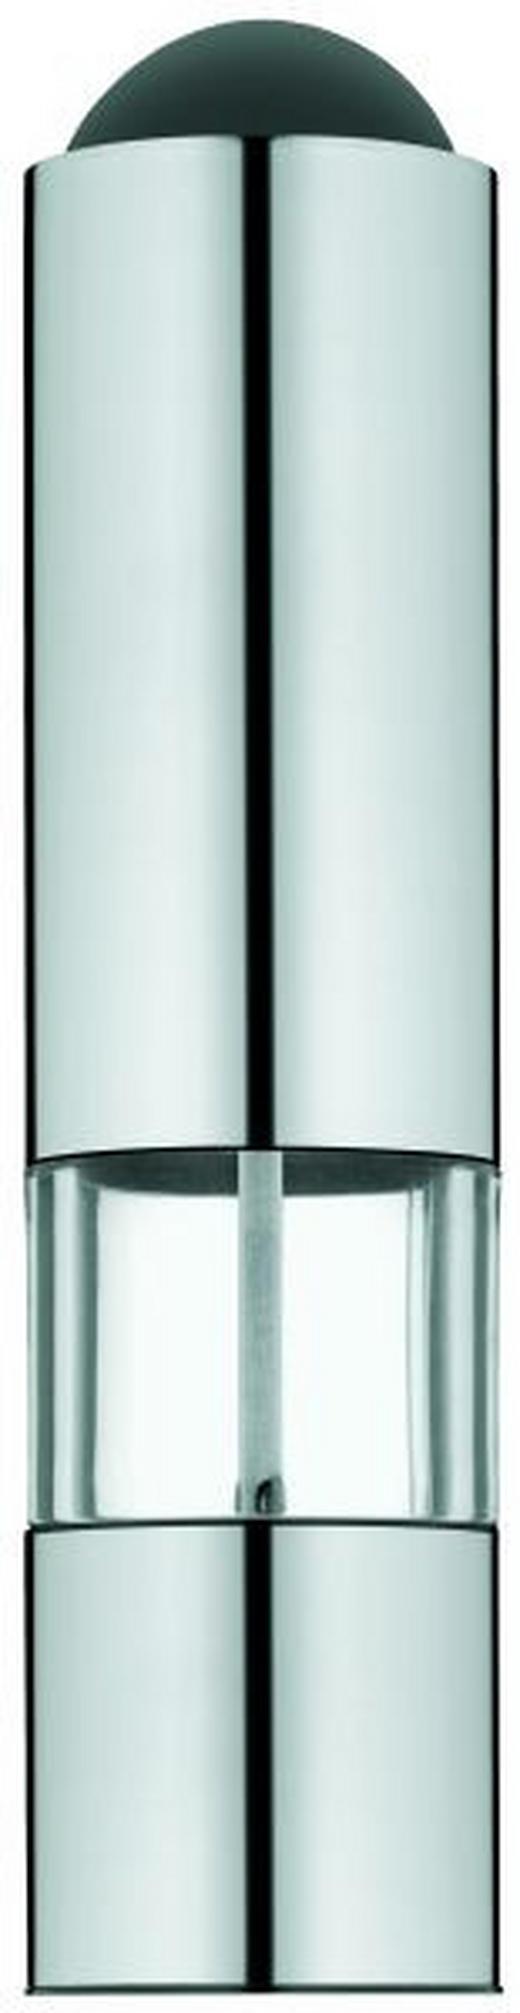 SALZ- ODER PFEFFERMÜHLE - Edelstahlfarben, Basics, Glas/Metall - WMF